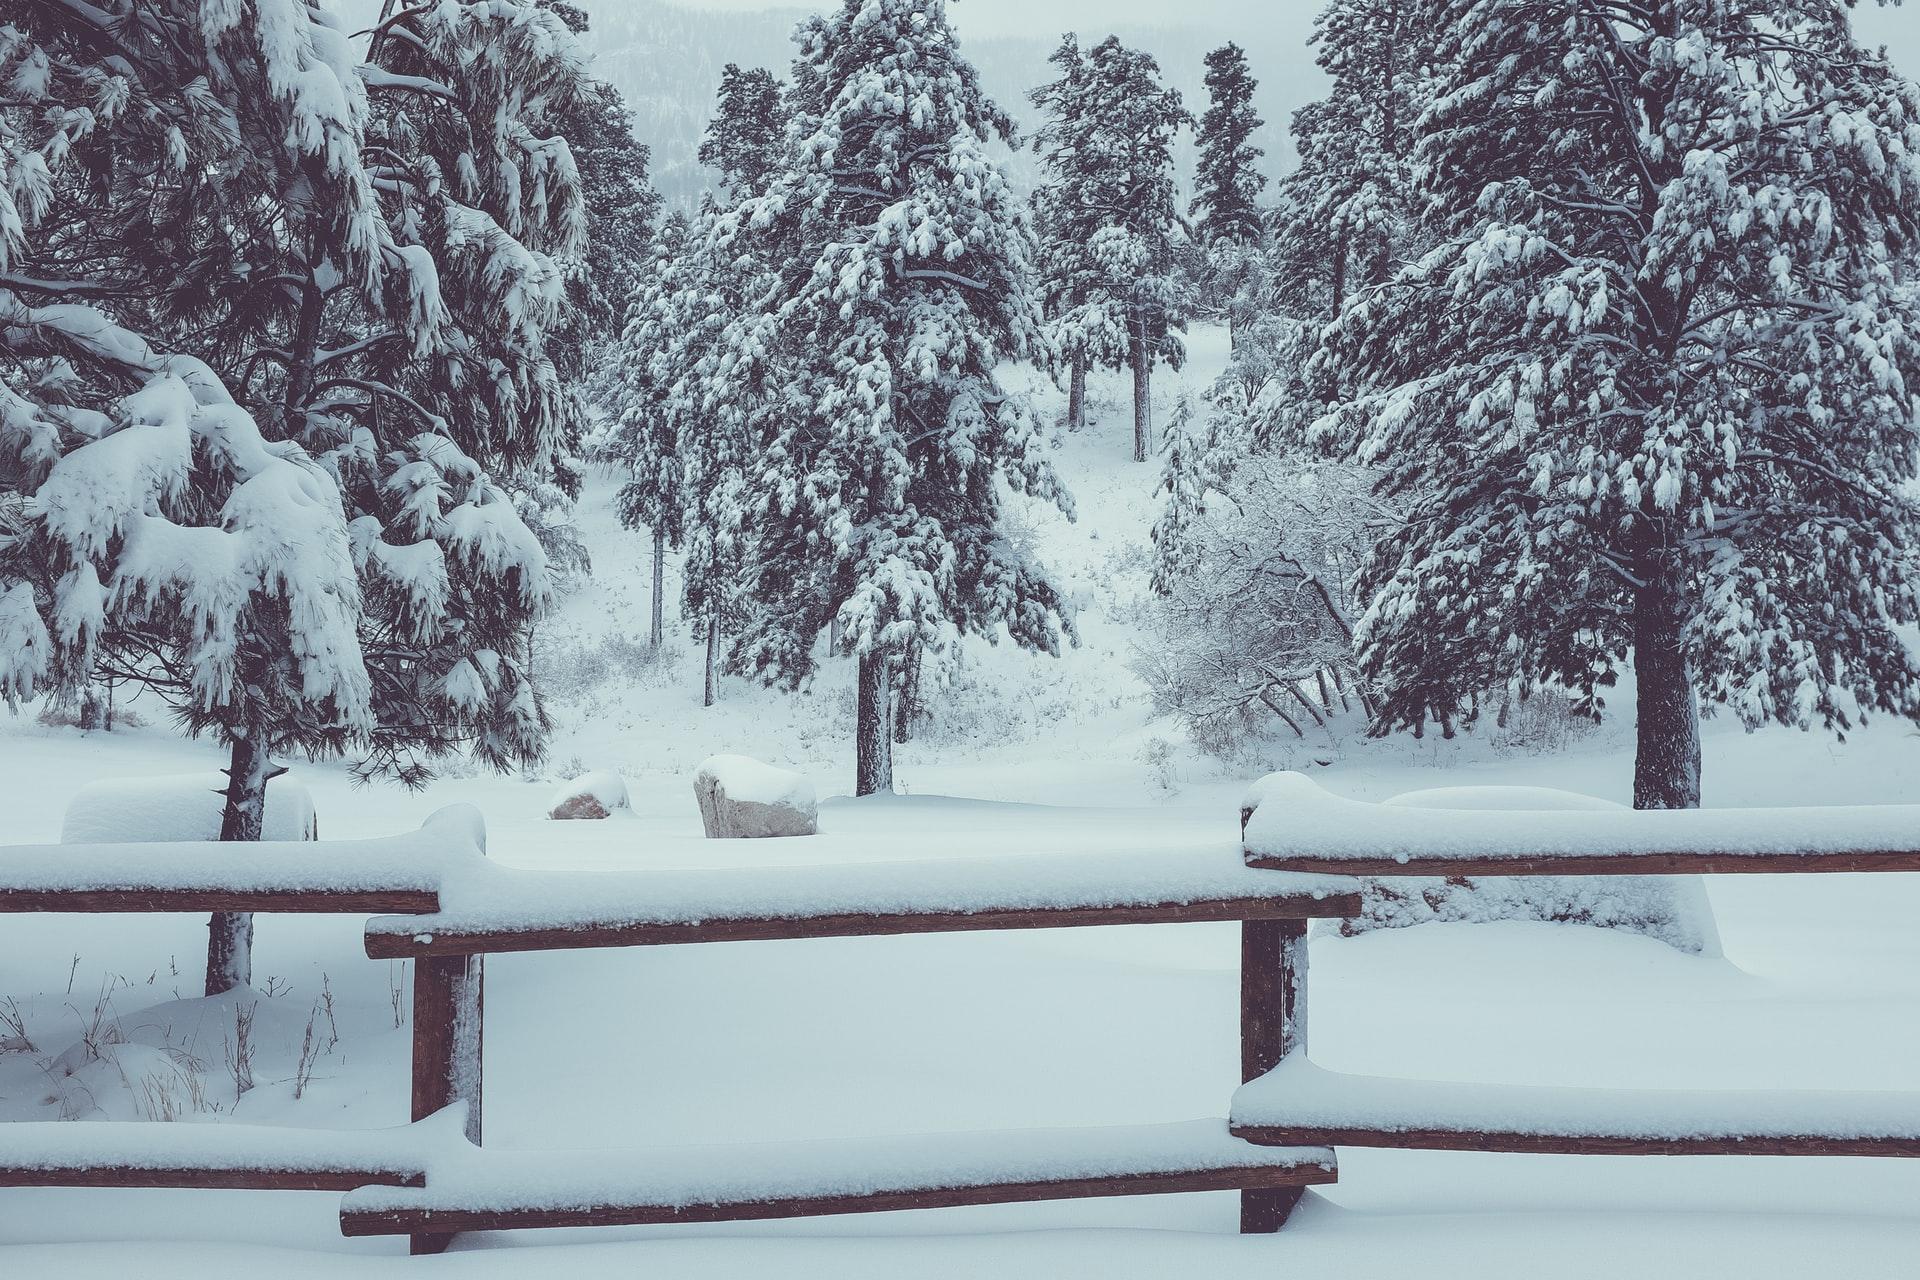 Nadchodzi kolejna śnieżyca. Spadnie do 20 cm śniegu, a mróz nie odpuści